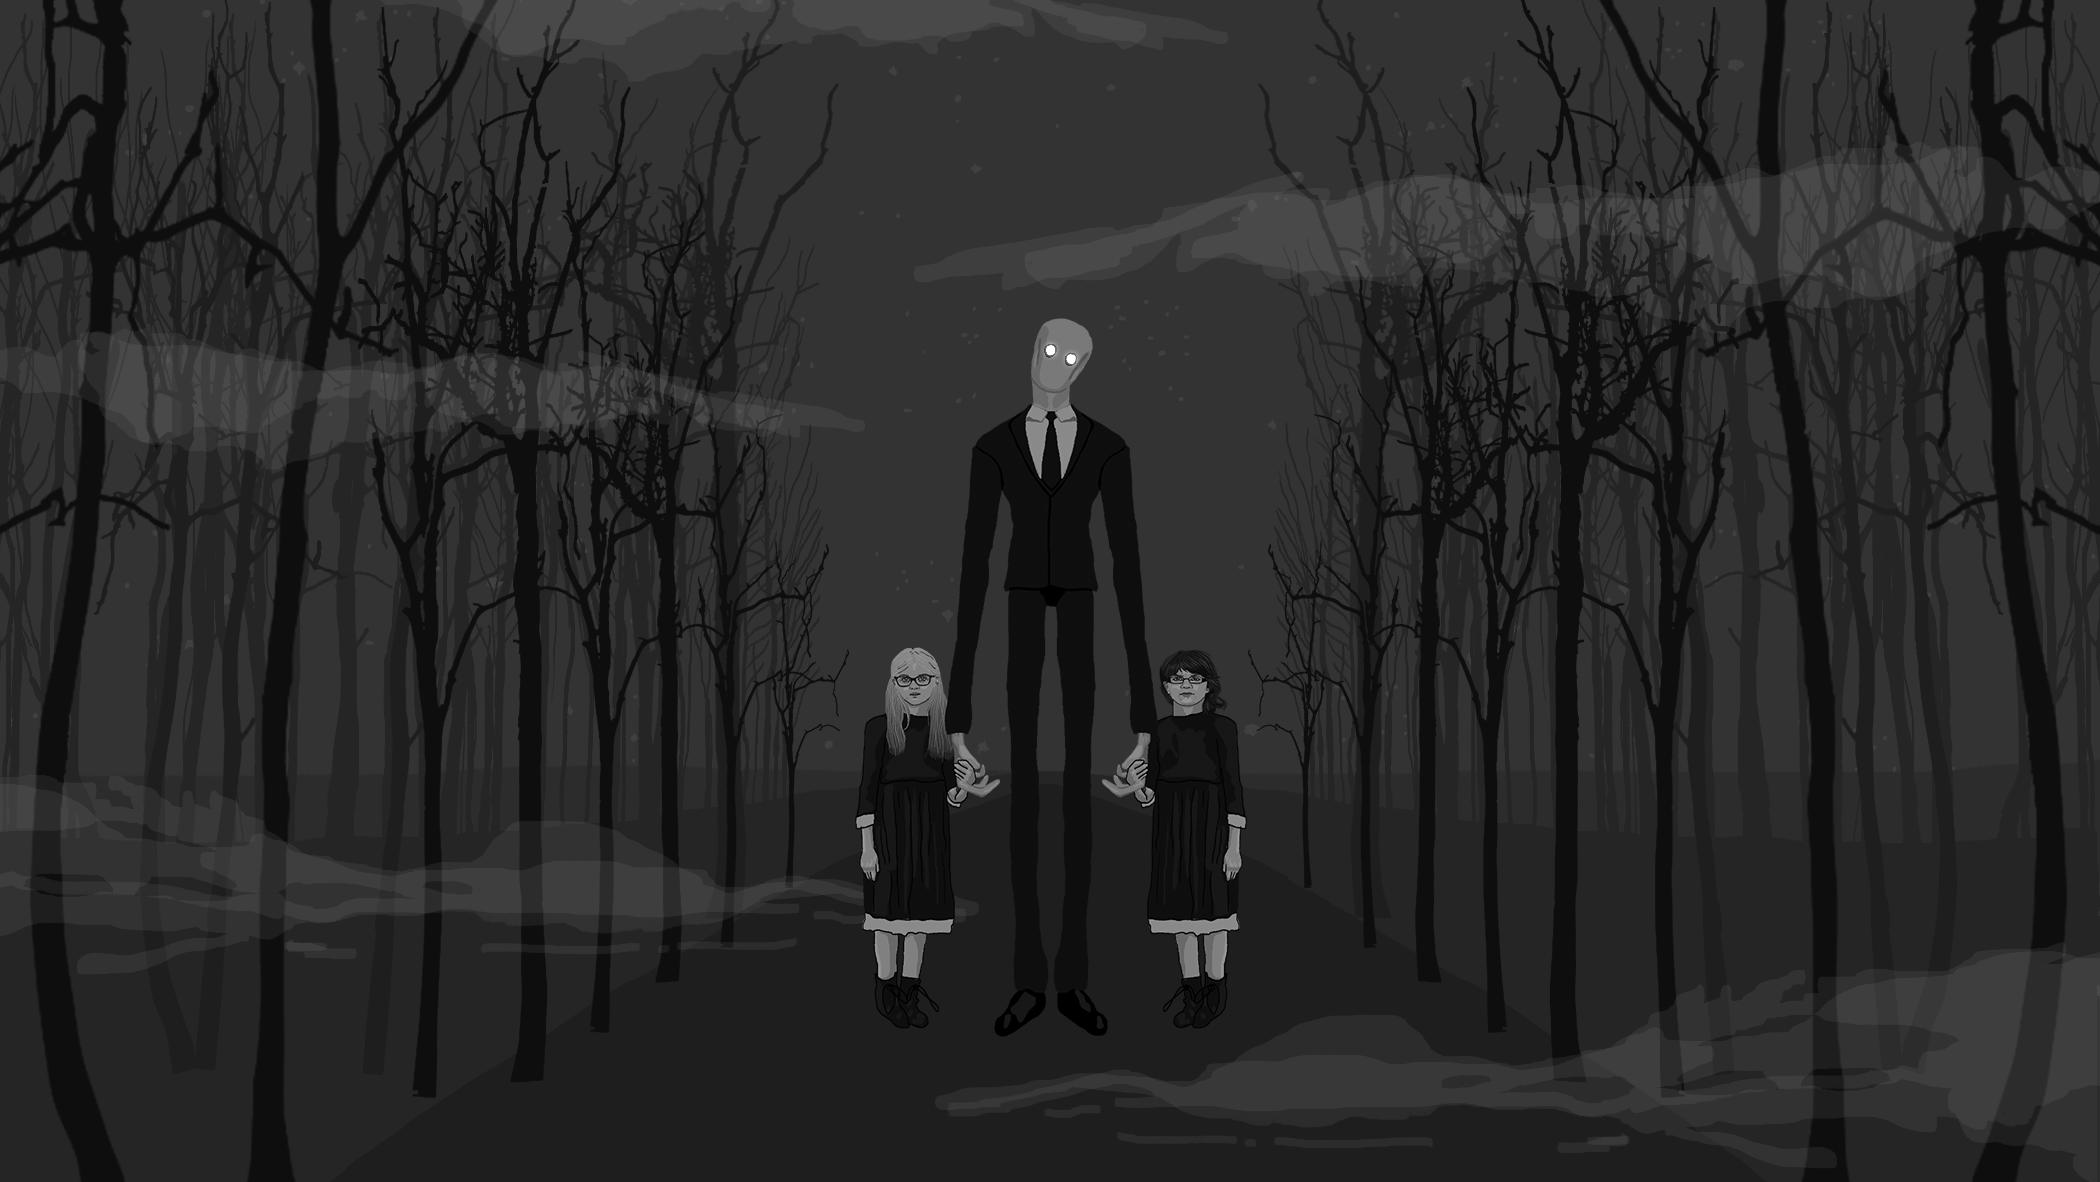 slender man from horror meme to inspiration for murder rolling stone